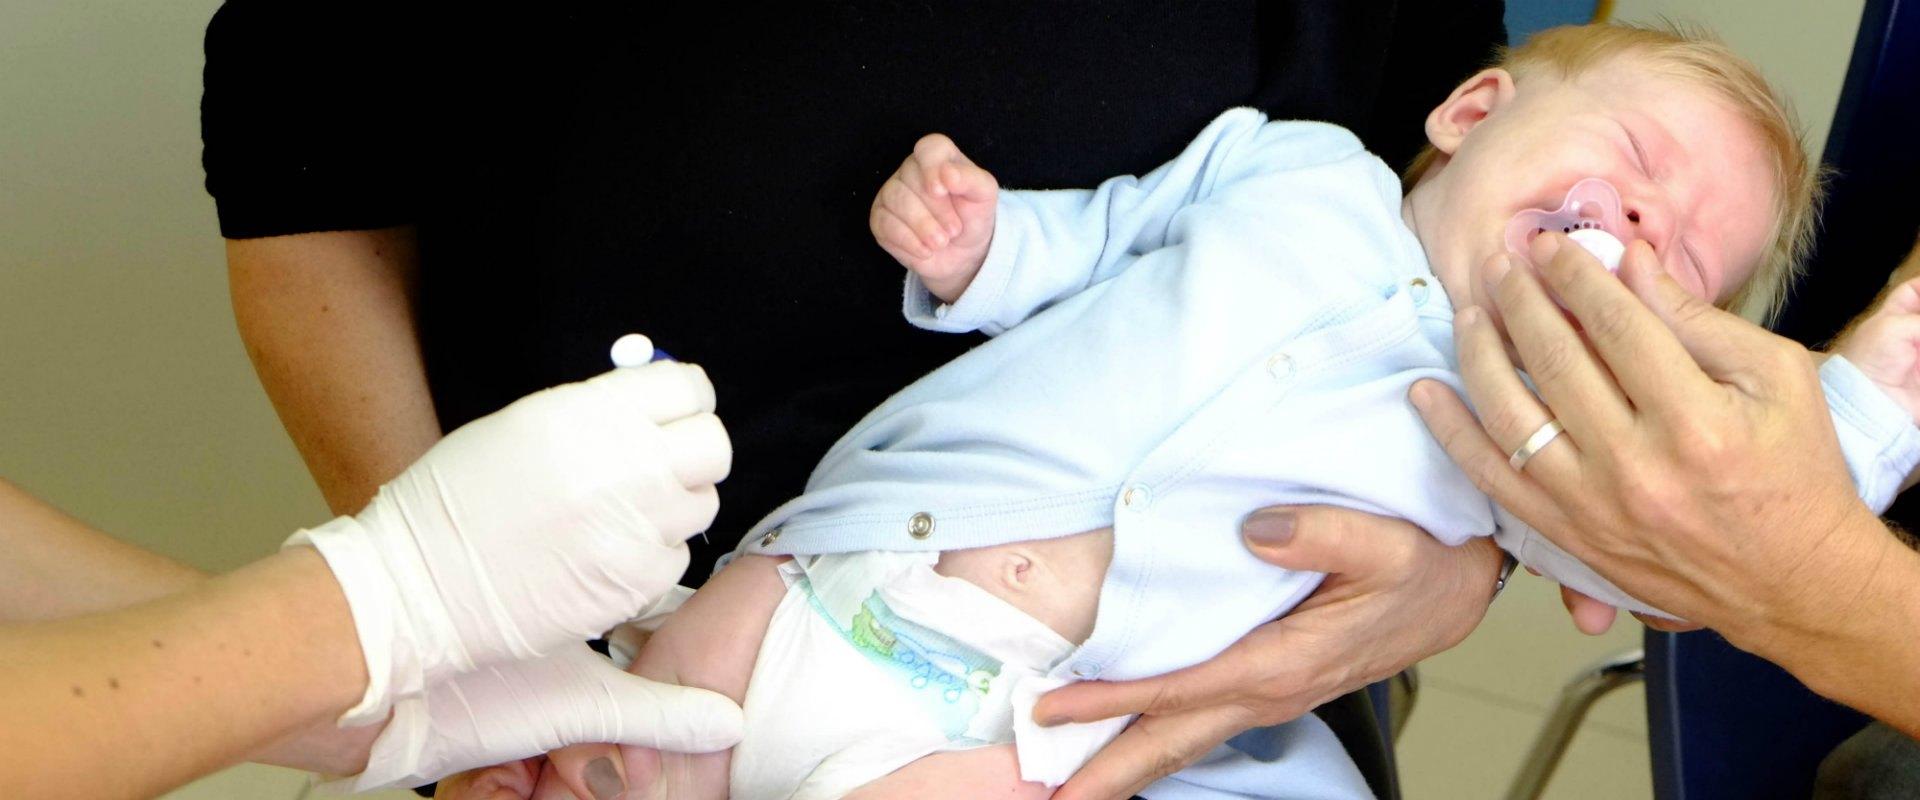 תינוק מקבל חיסון, אילוסטרציה